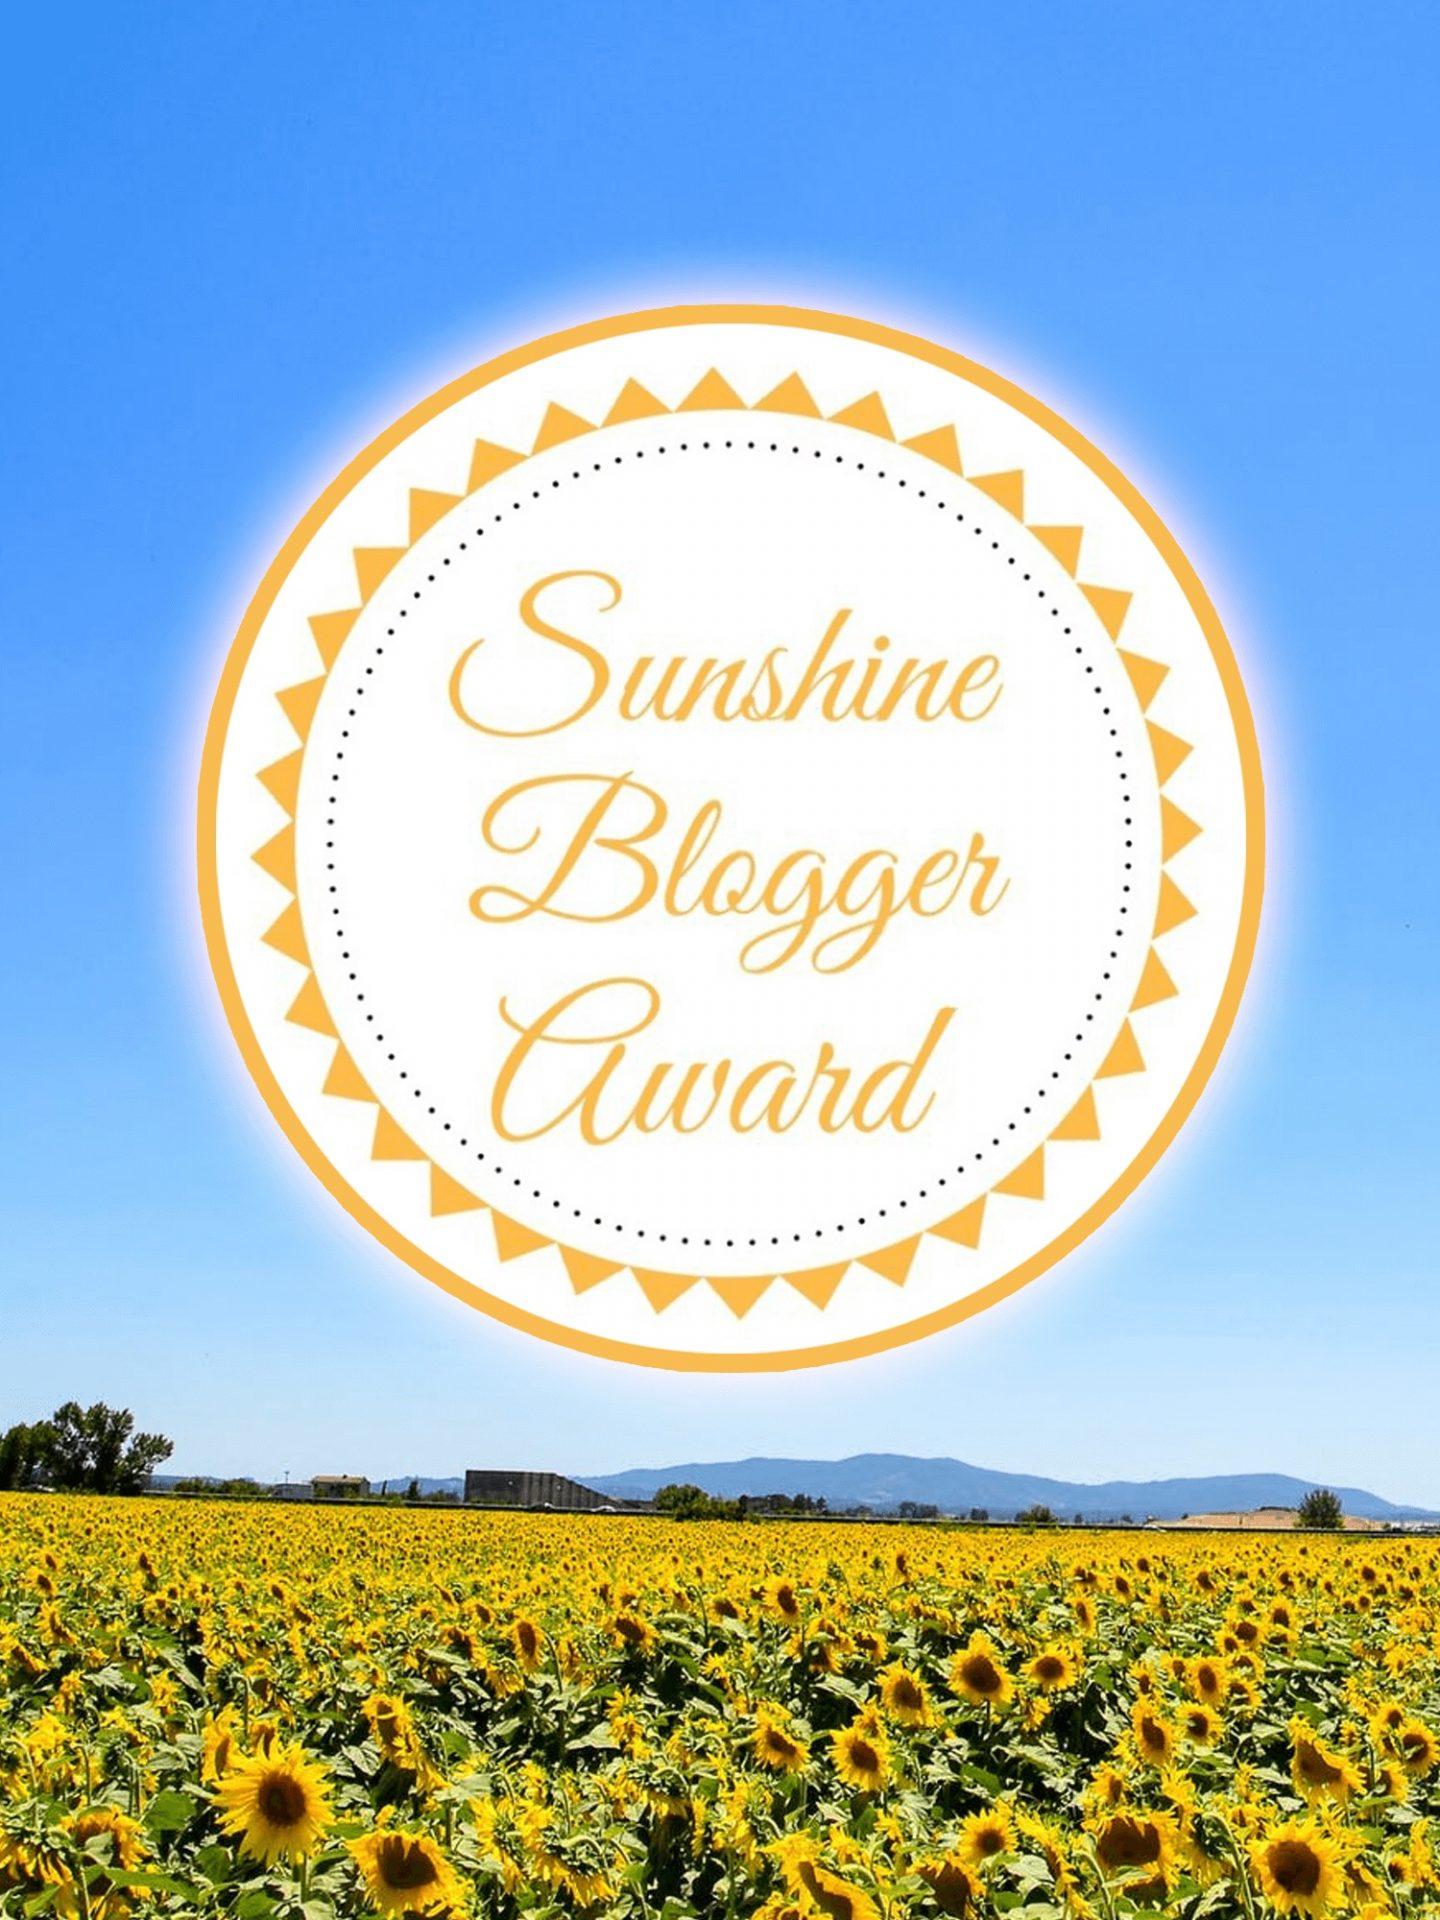 A photo of the sunshine blogger award logo